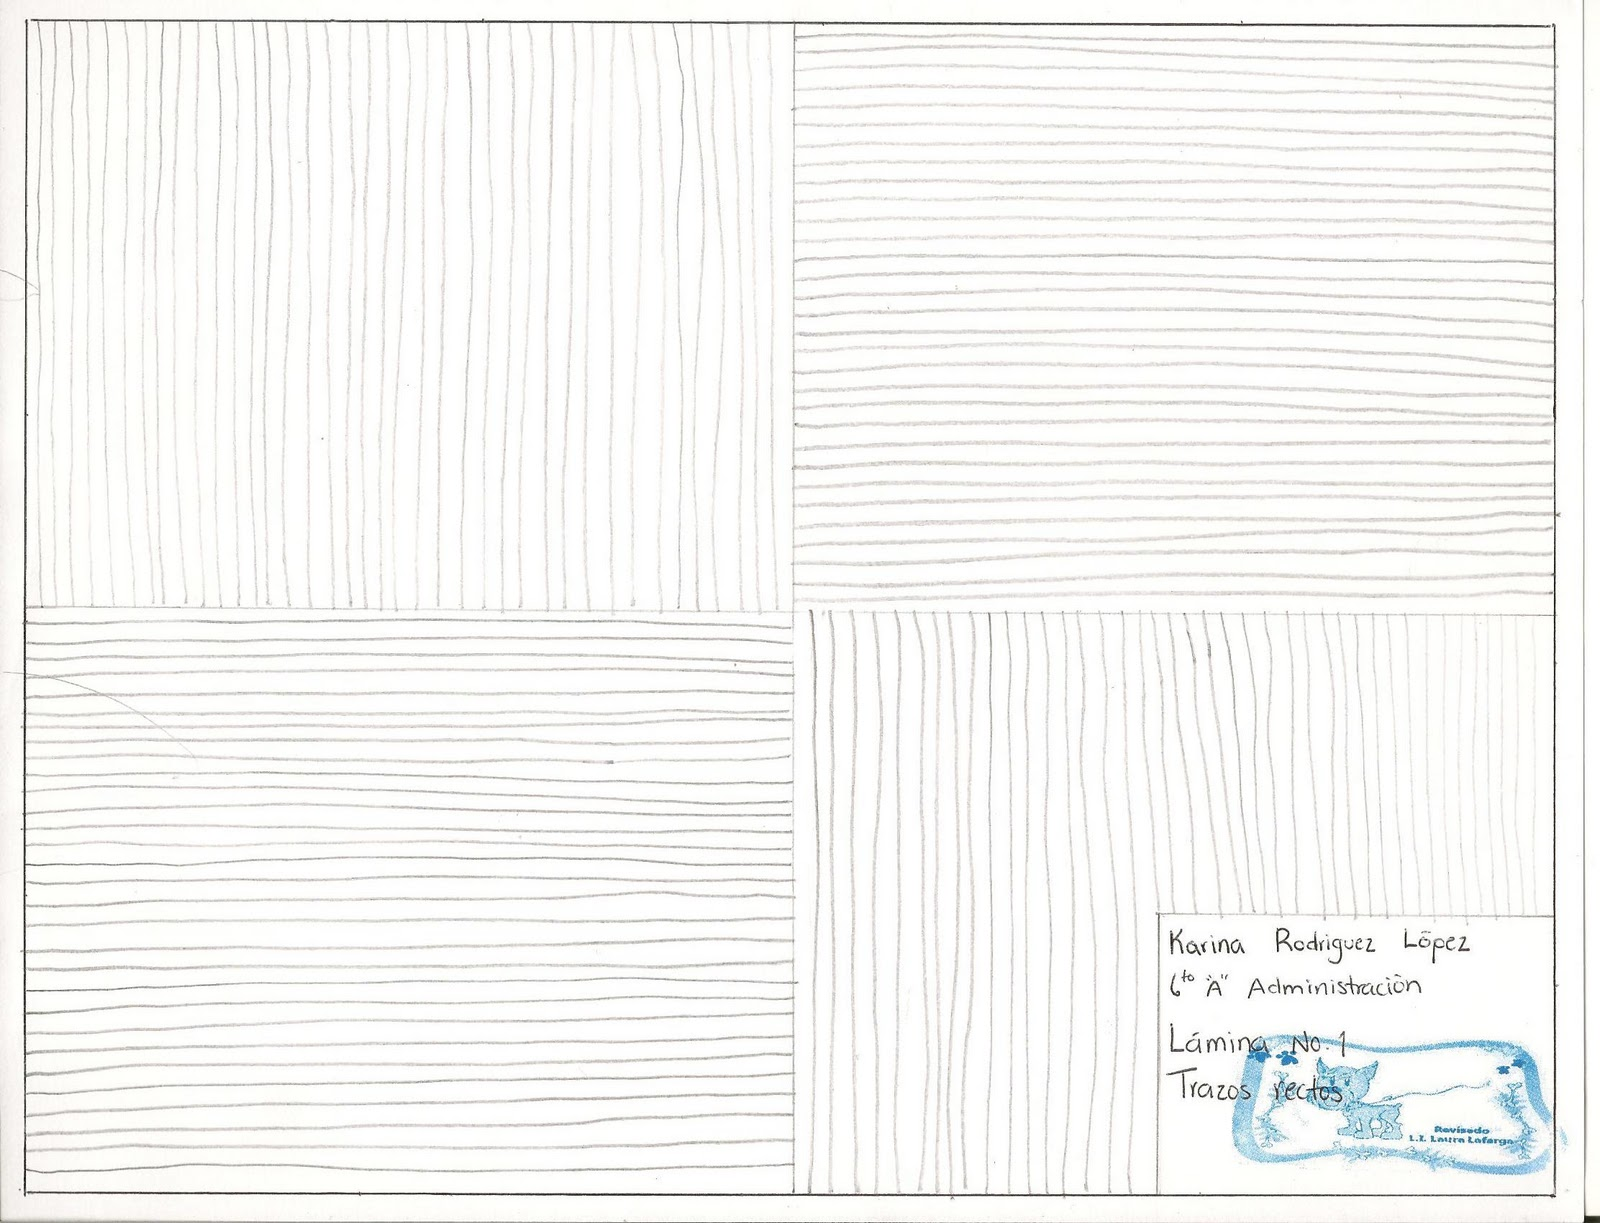 Clase de dibujo Tecnico KRL Lamina No 1 Trazos Rectos